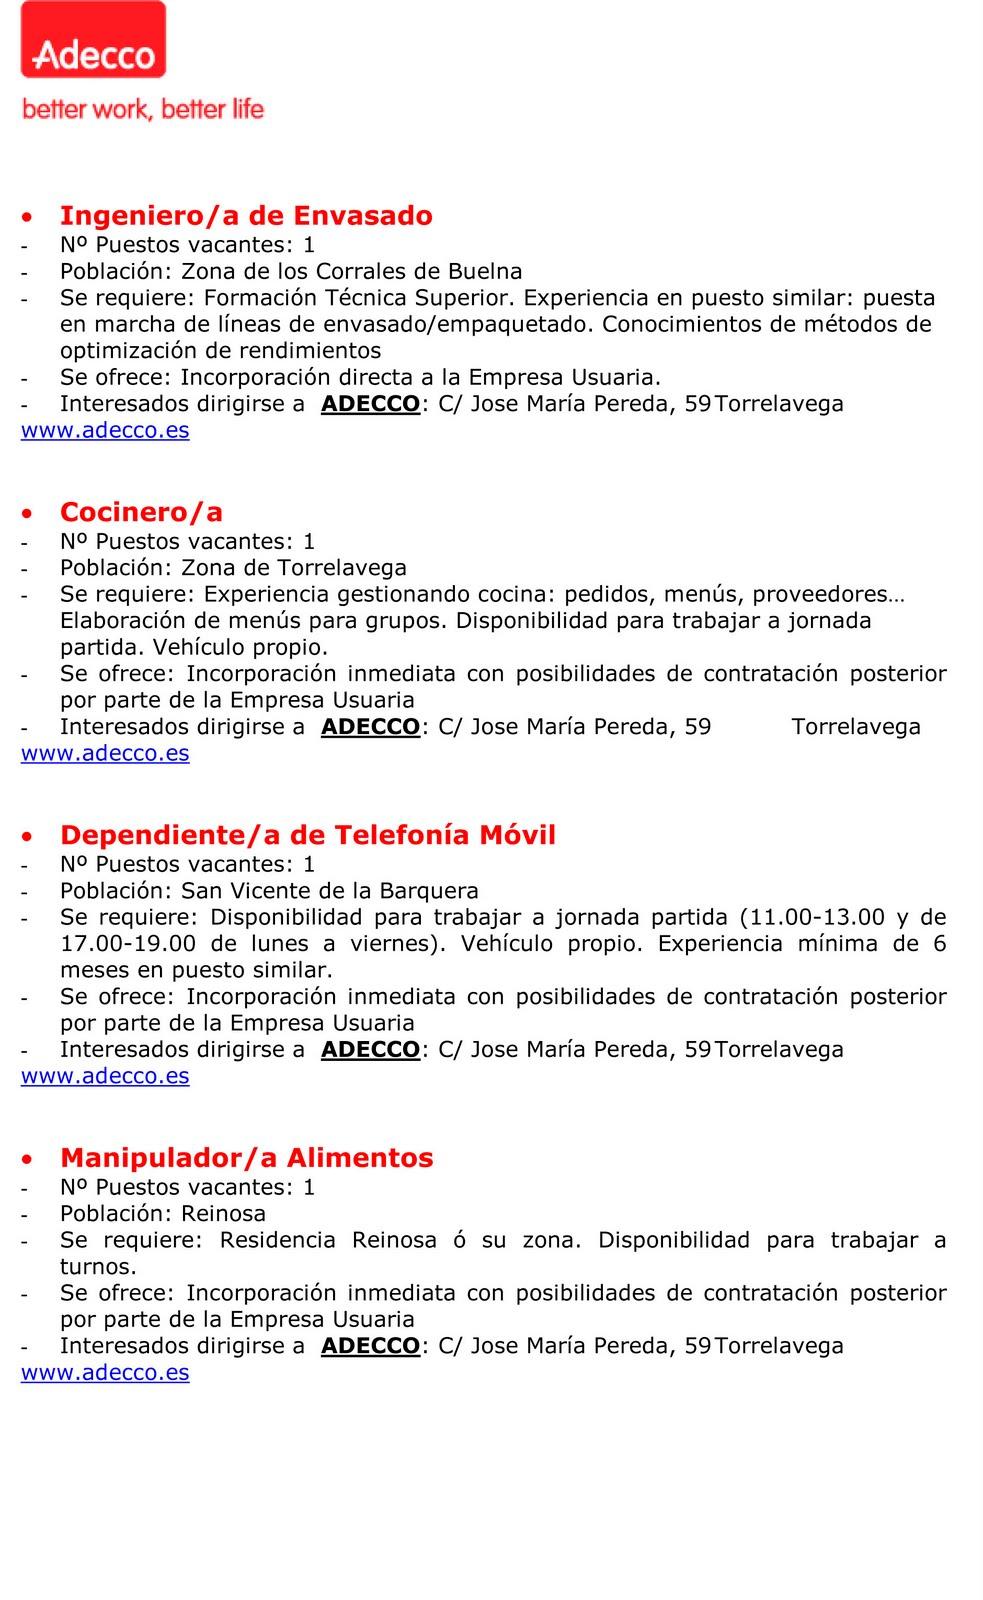 Altamira - Los Valles Información Sociolaboral.